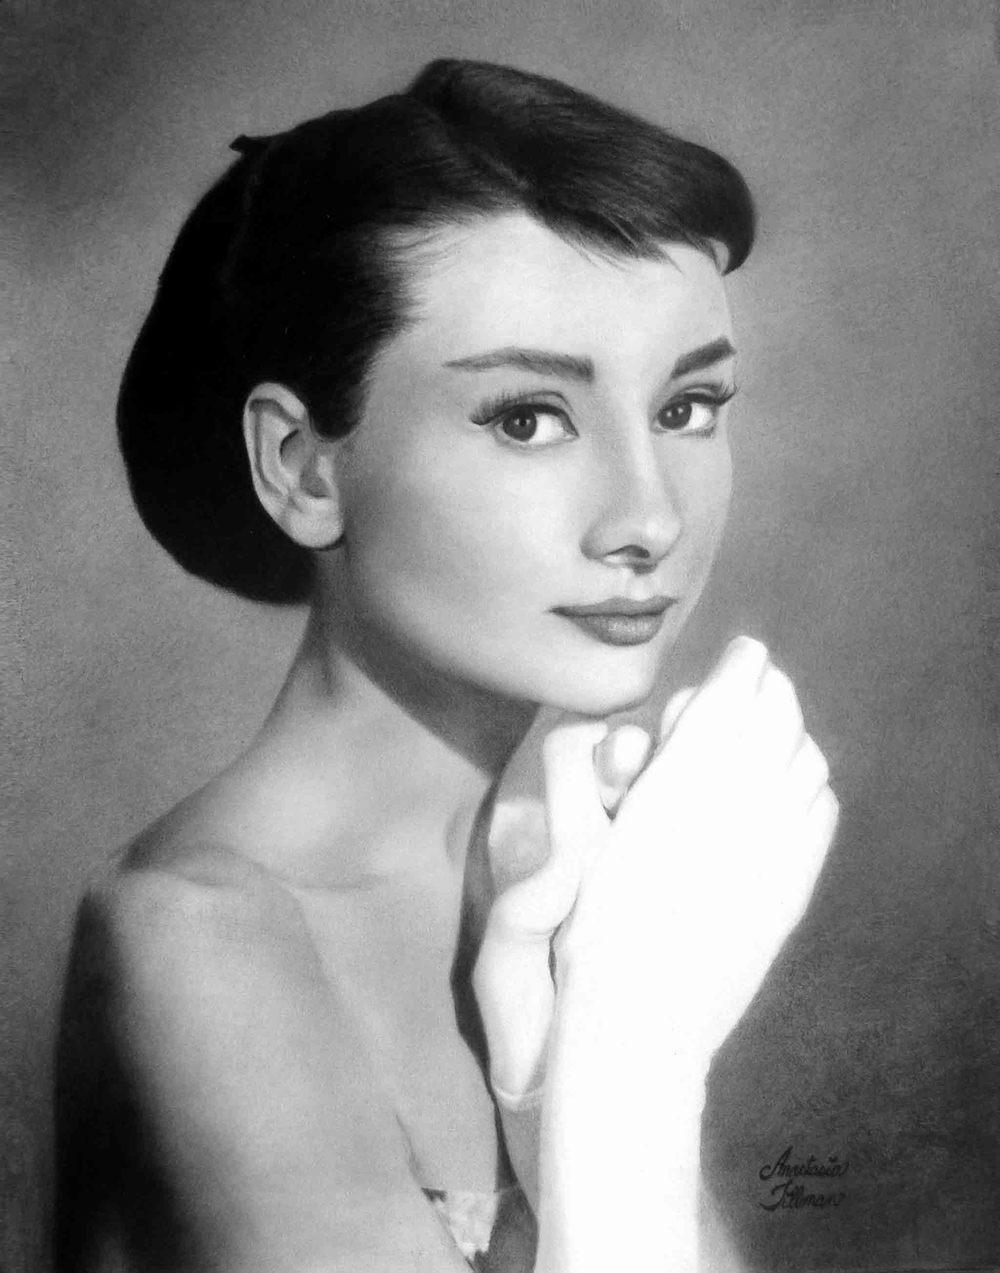 Audrey-FD.jpg